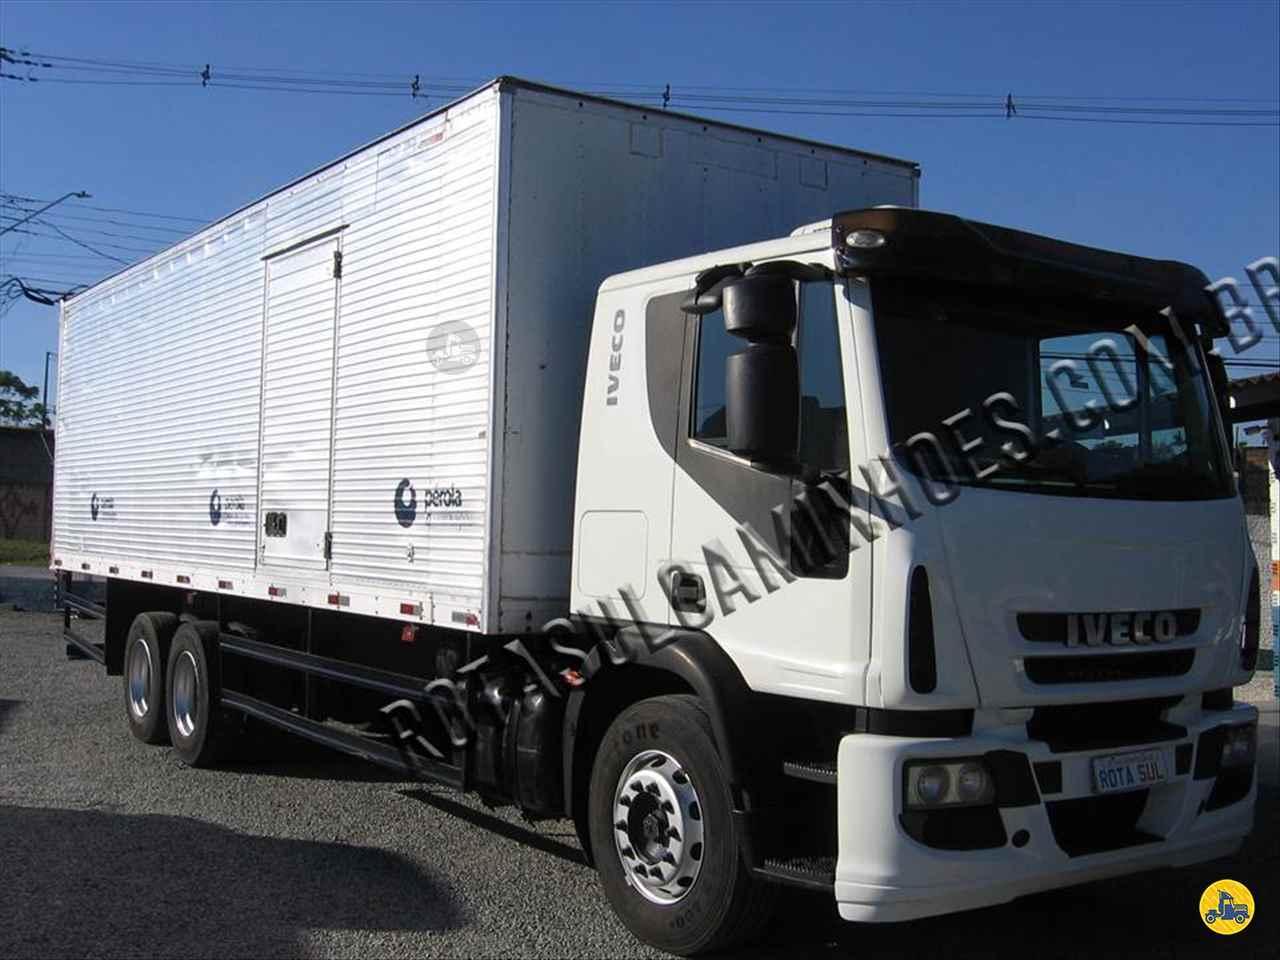 CAMINHAO IVECO TECTOR 240E25 Baú Furgão Truck 6x2 Rota Sul Caminhões CURITIBA PARANÁ PR